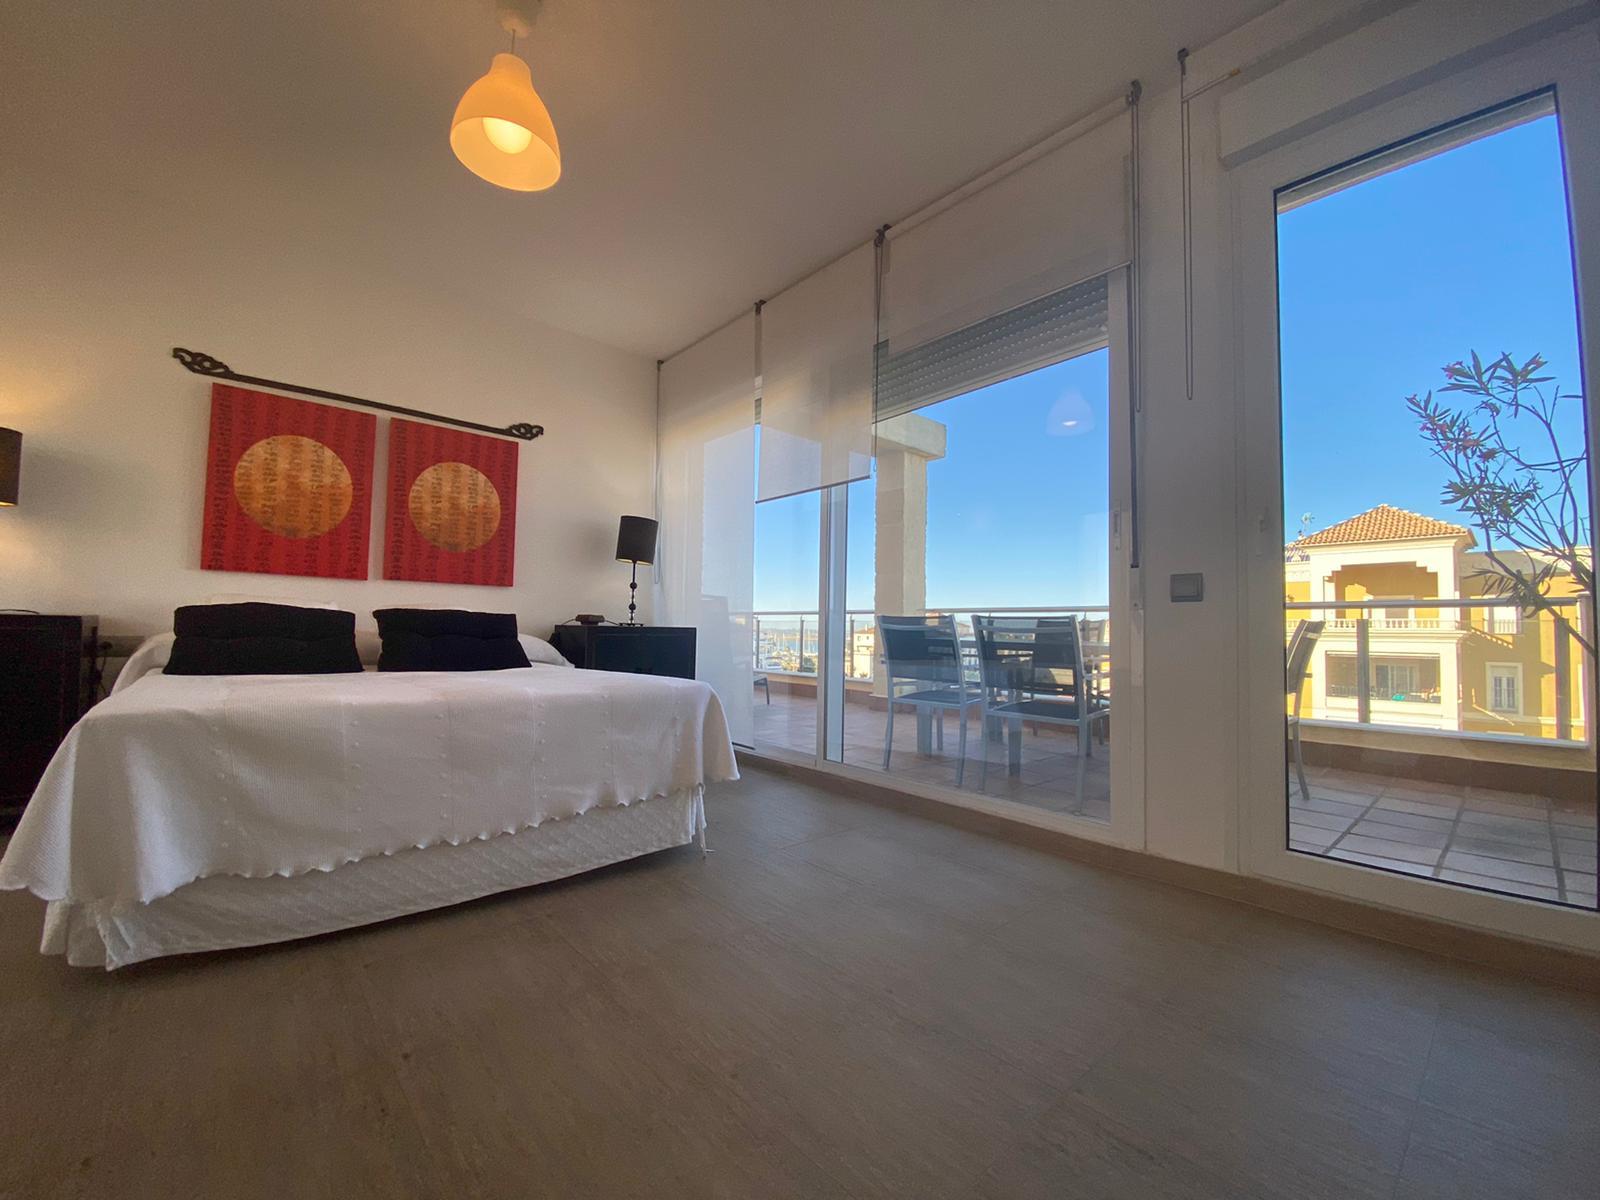 Imagen 25 del Apartamento Turístico, Ático 6 Levante (3d+2b), Punta del Moral (HUELVA), Paseo de la Cruz nº22